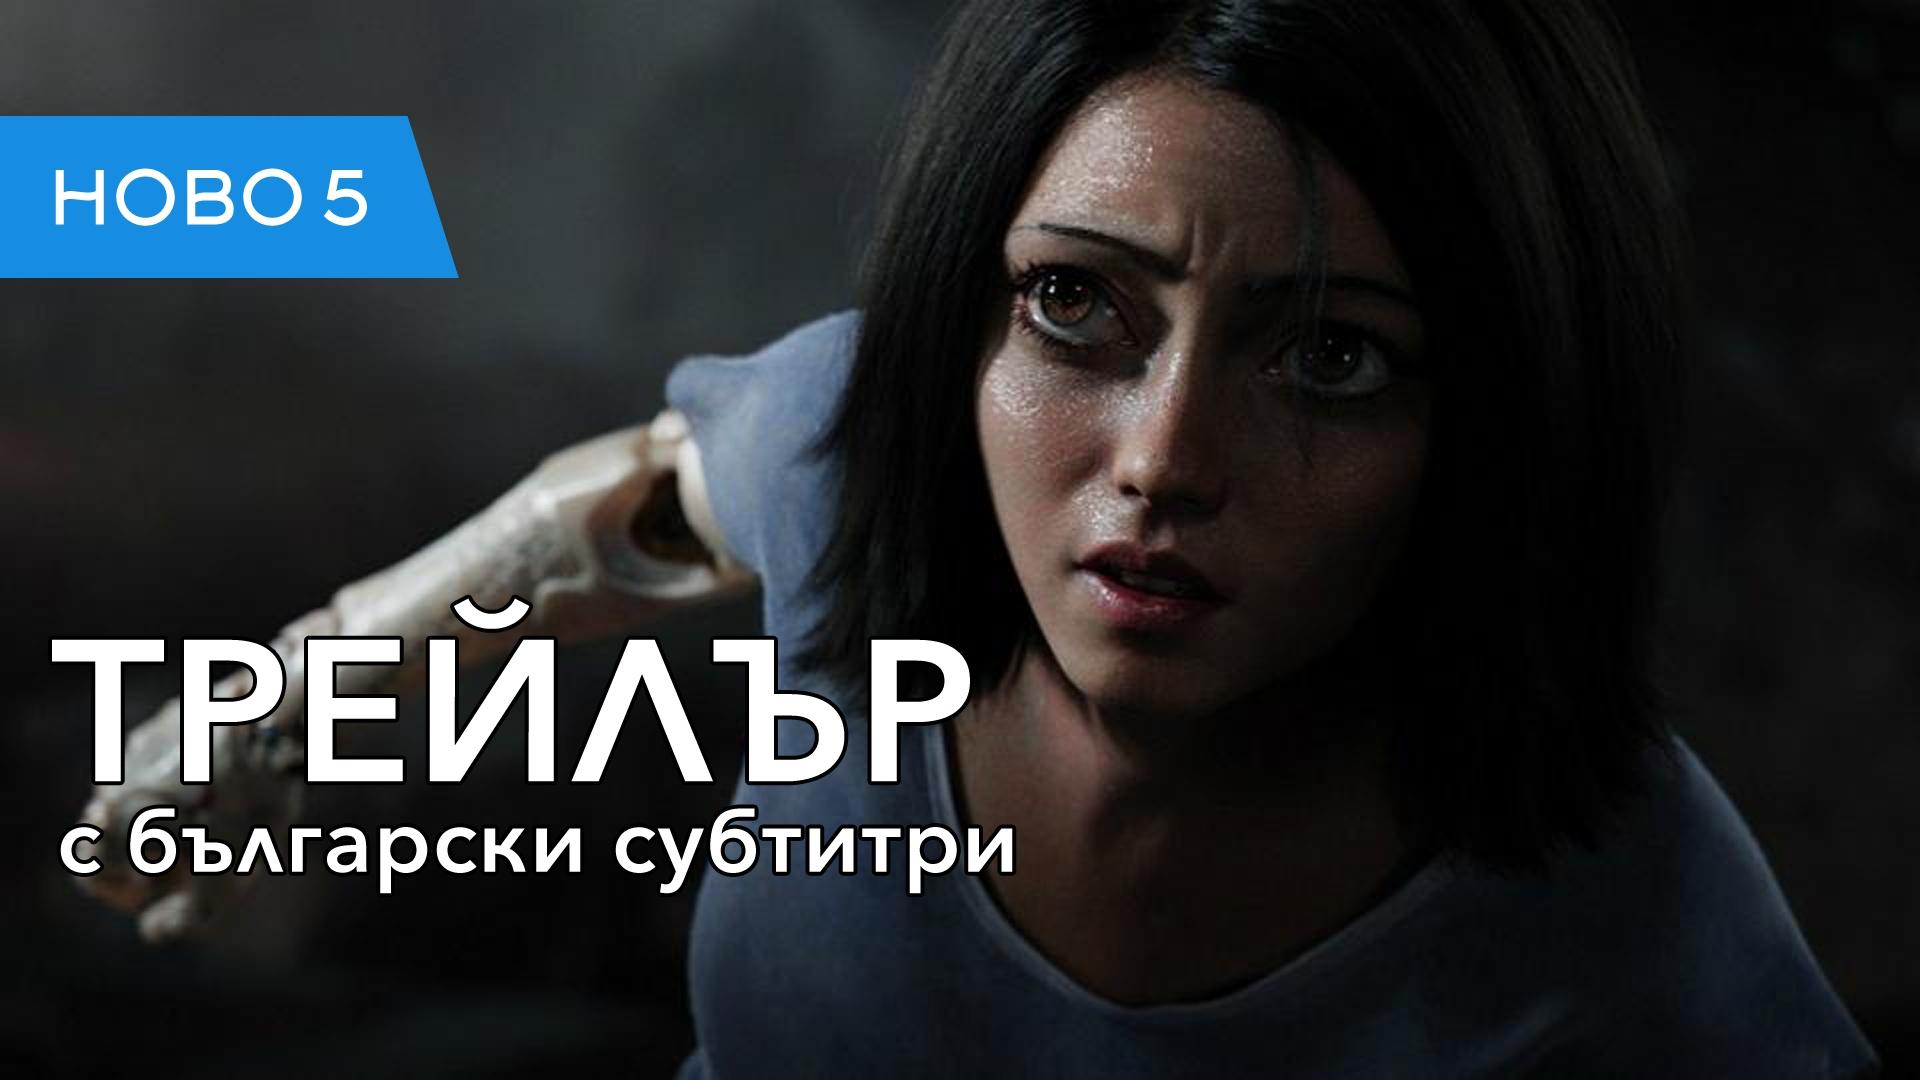 Алита: Боен ангел (2019) трейлър с български субтитри